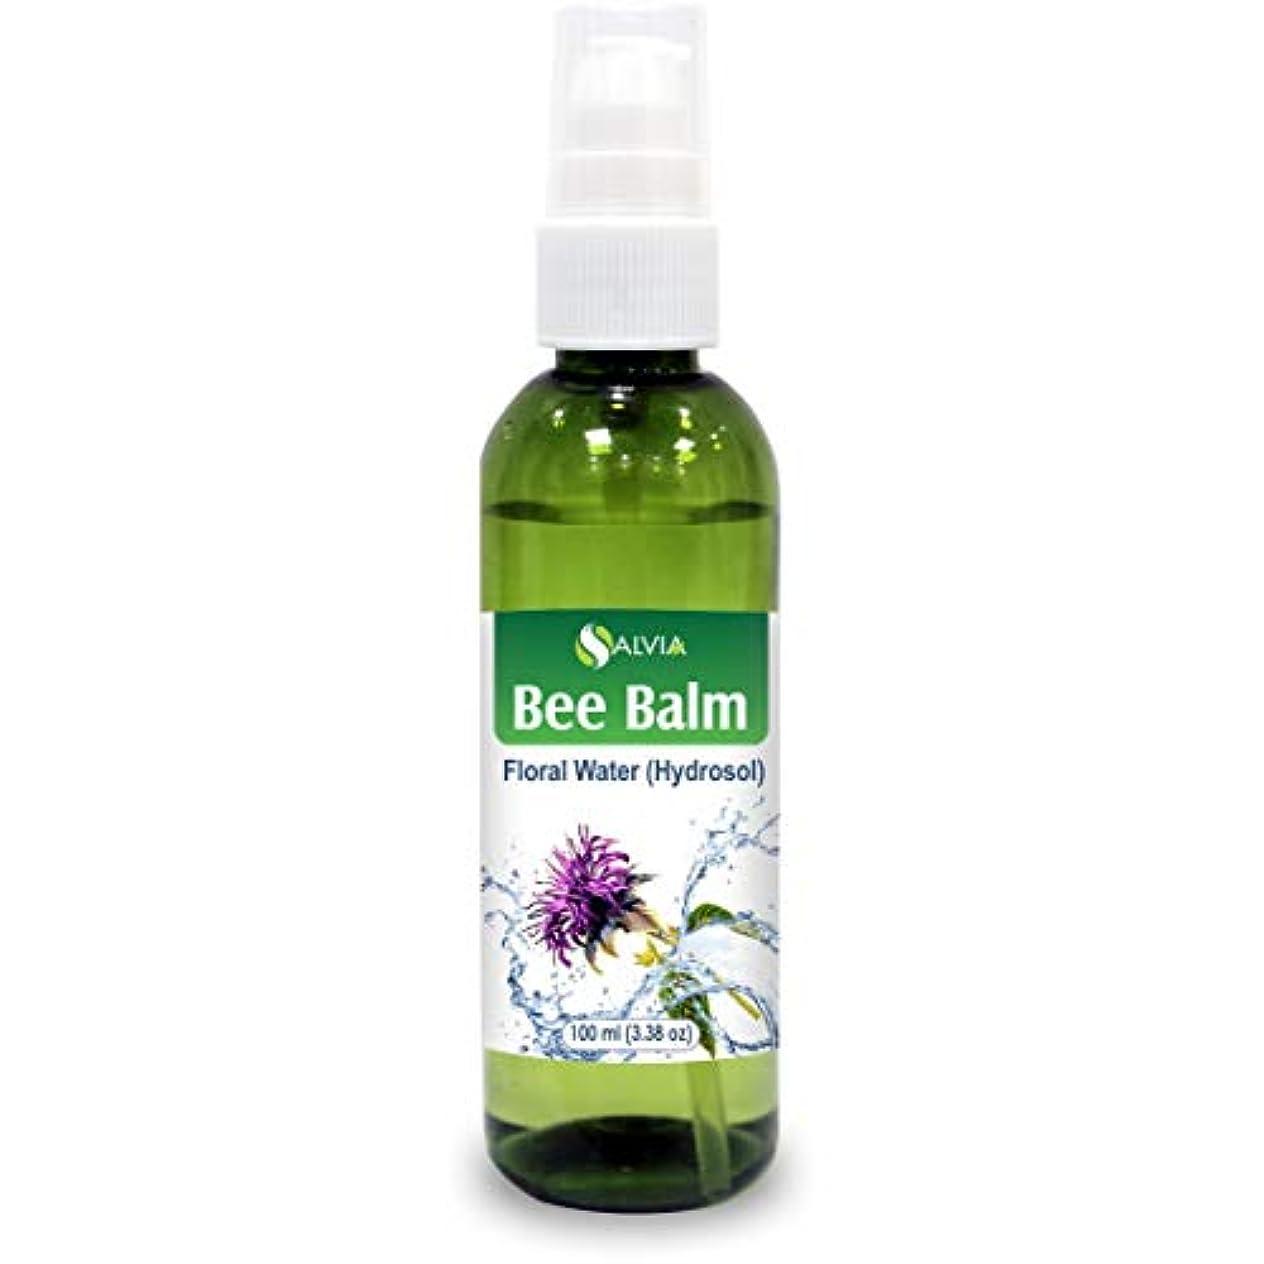 国歌詞不規則なBee Balm Floral Water 100ml (Hydrosol) 100% Pure And Natural